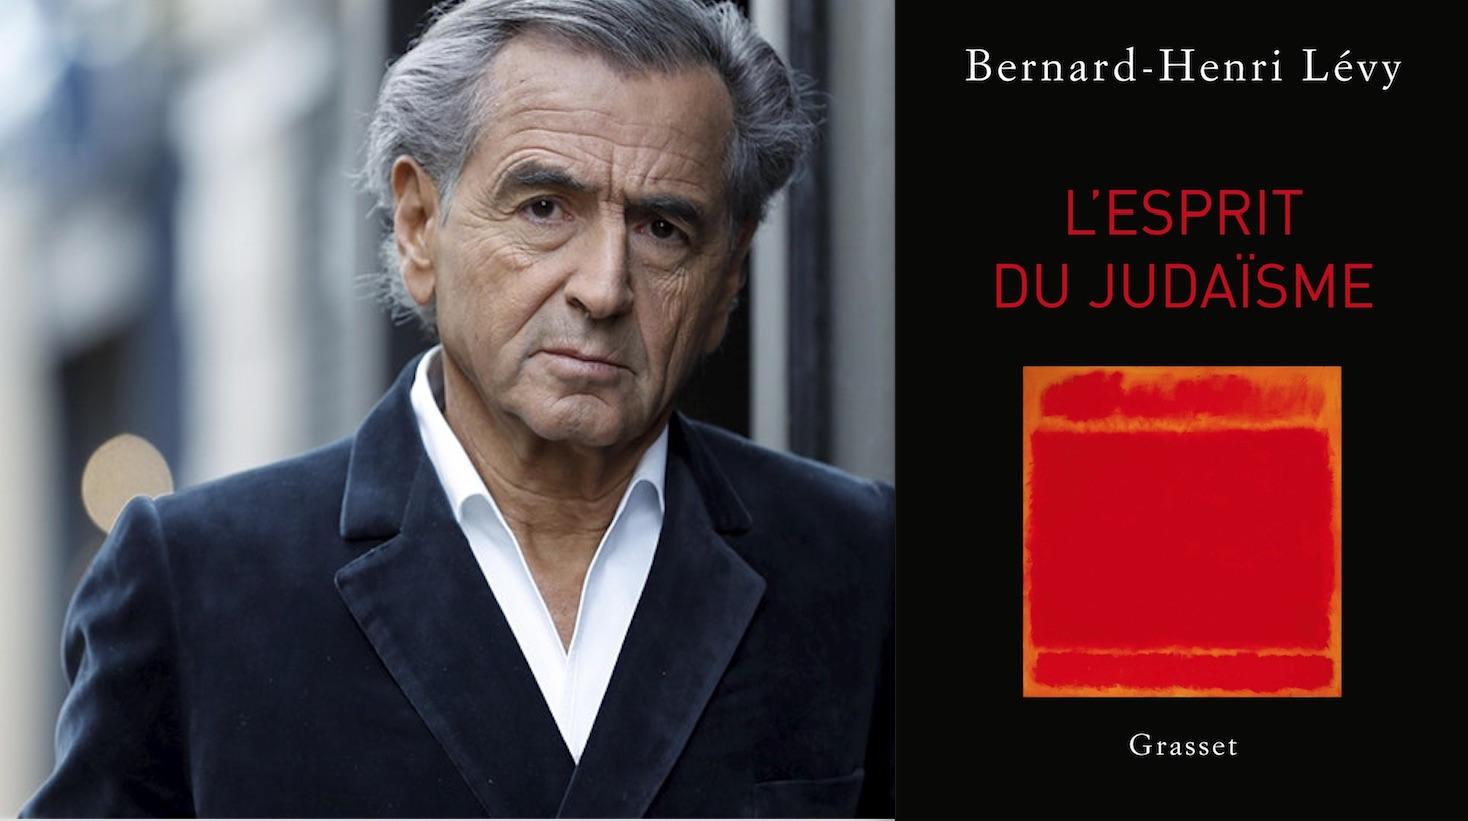 """Portrait de Bernard-Henri Lévy à côté de la couverture de son livre """"L'esprit du judaïsme""""."""